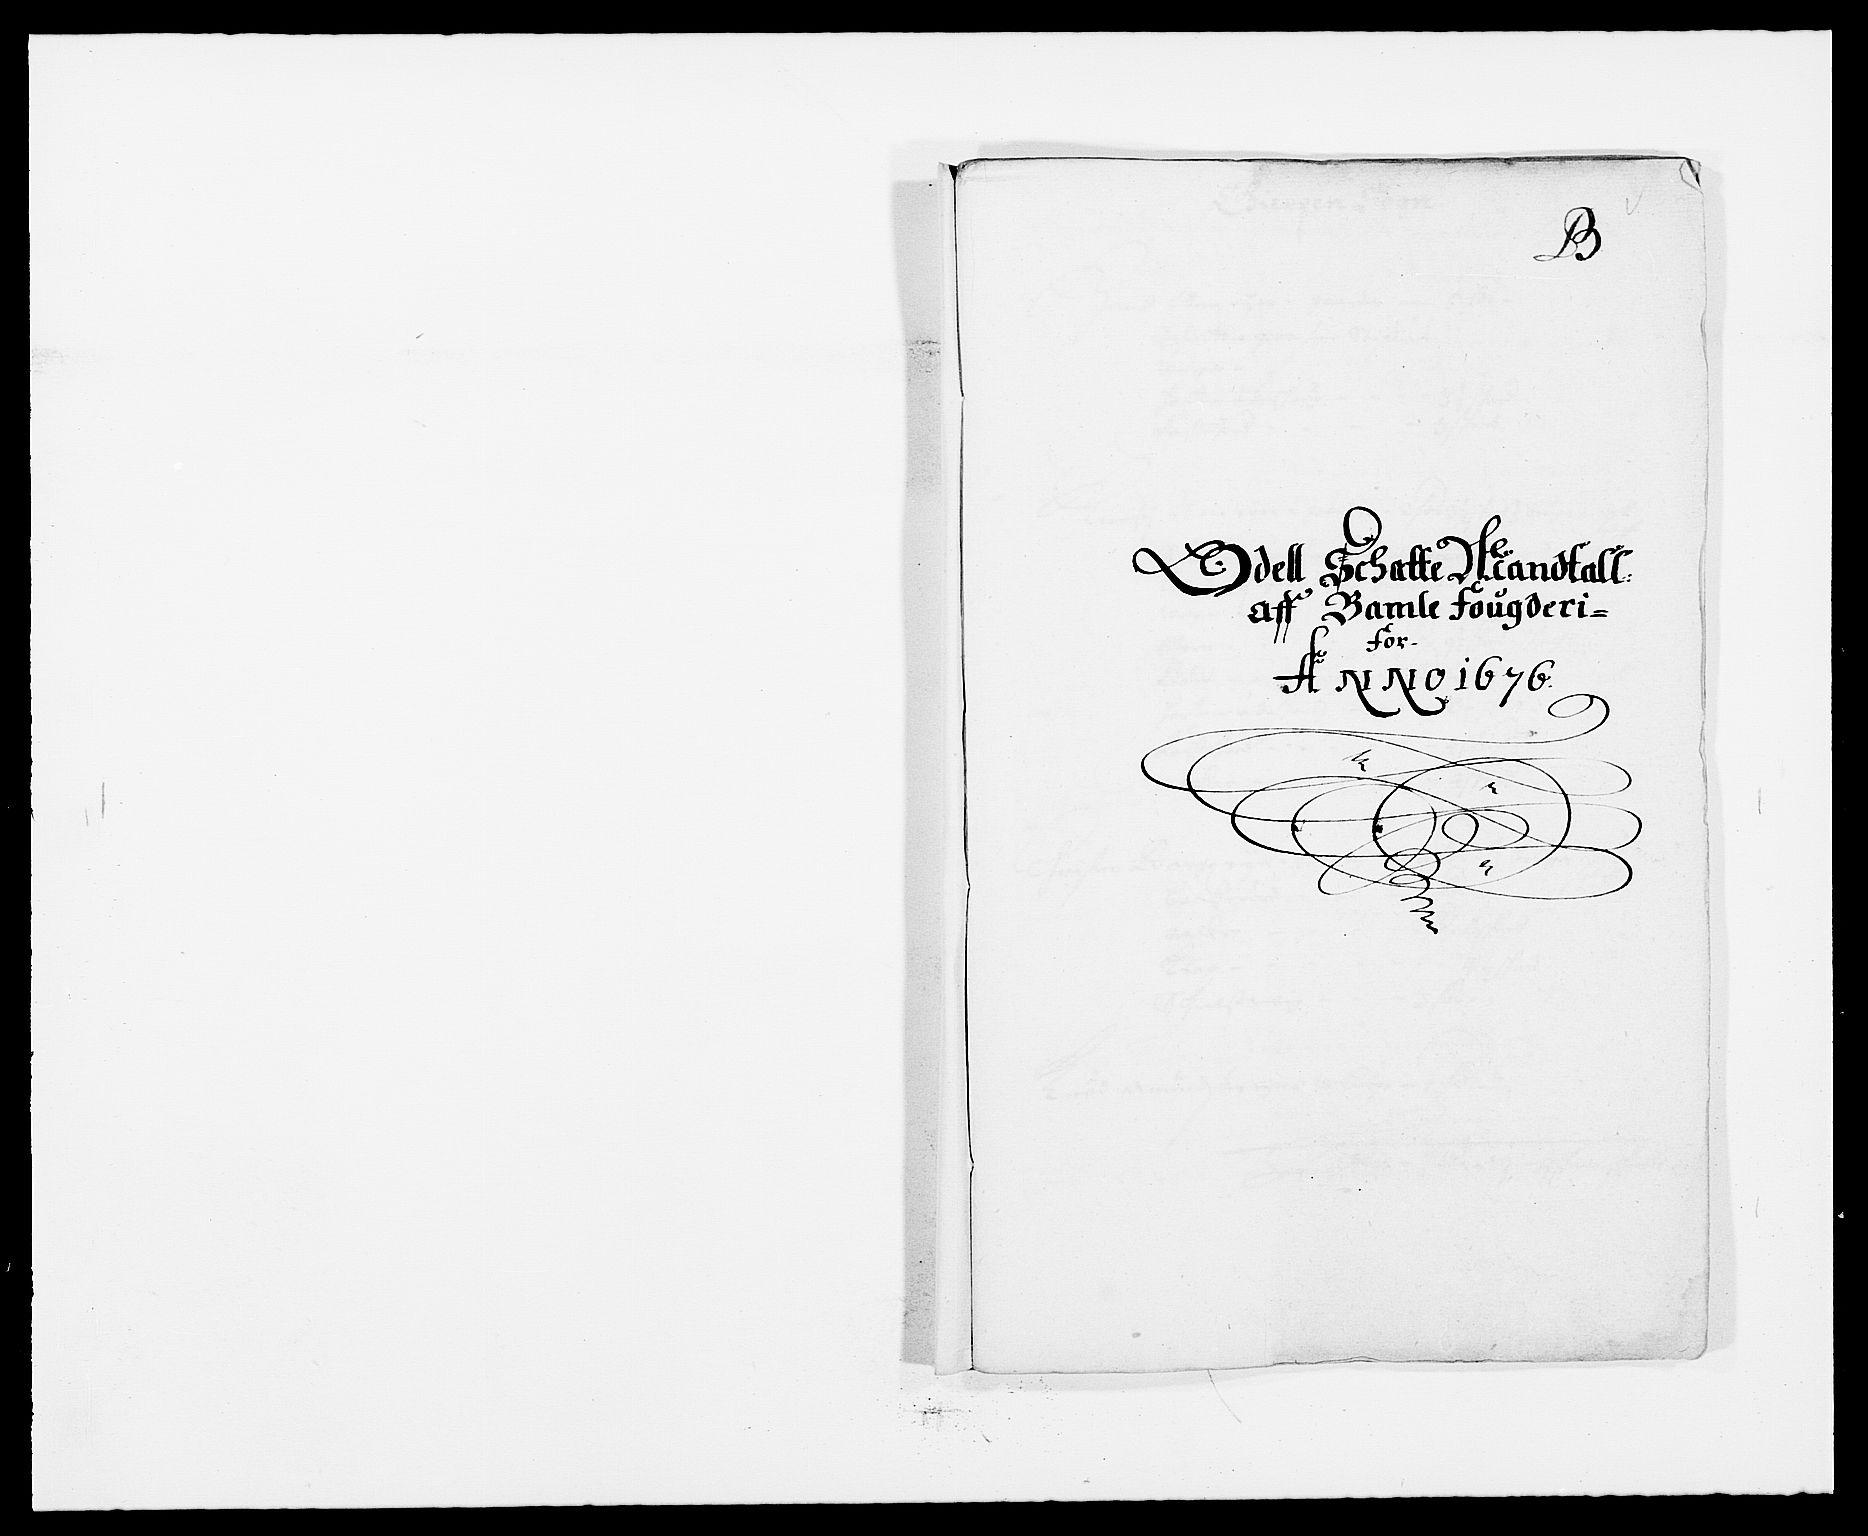 RA, Rentekammeret inntil 1814, Reviderte regnskaper, Fogderegnskap, R34/L2043: Fogderegnskap Bamble, 1676-1677, s. 51